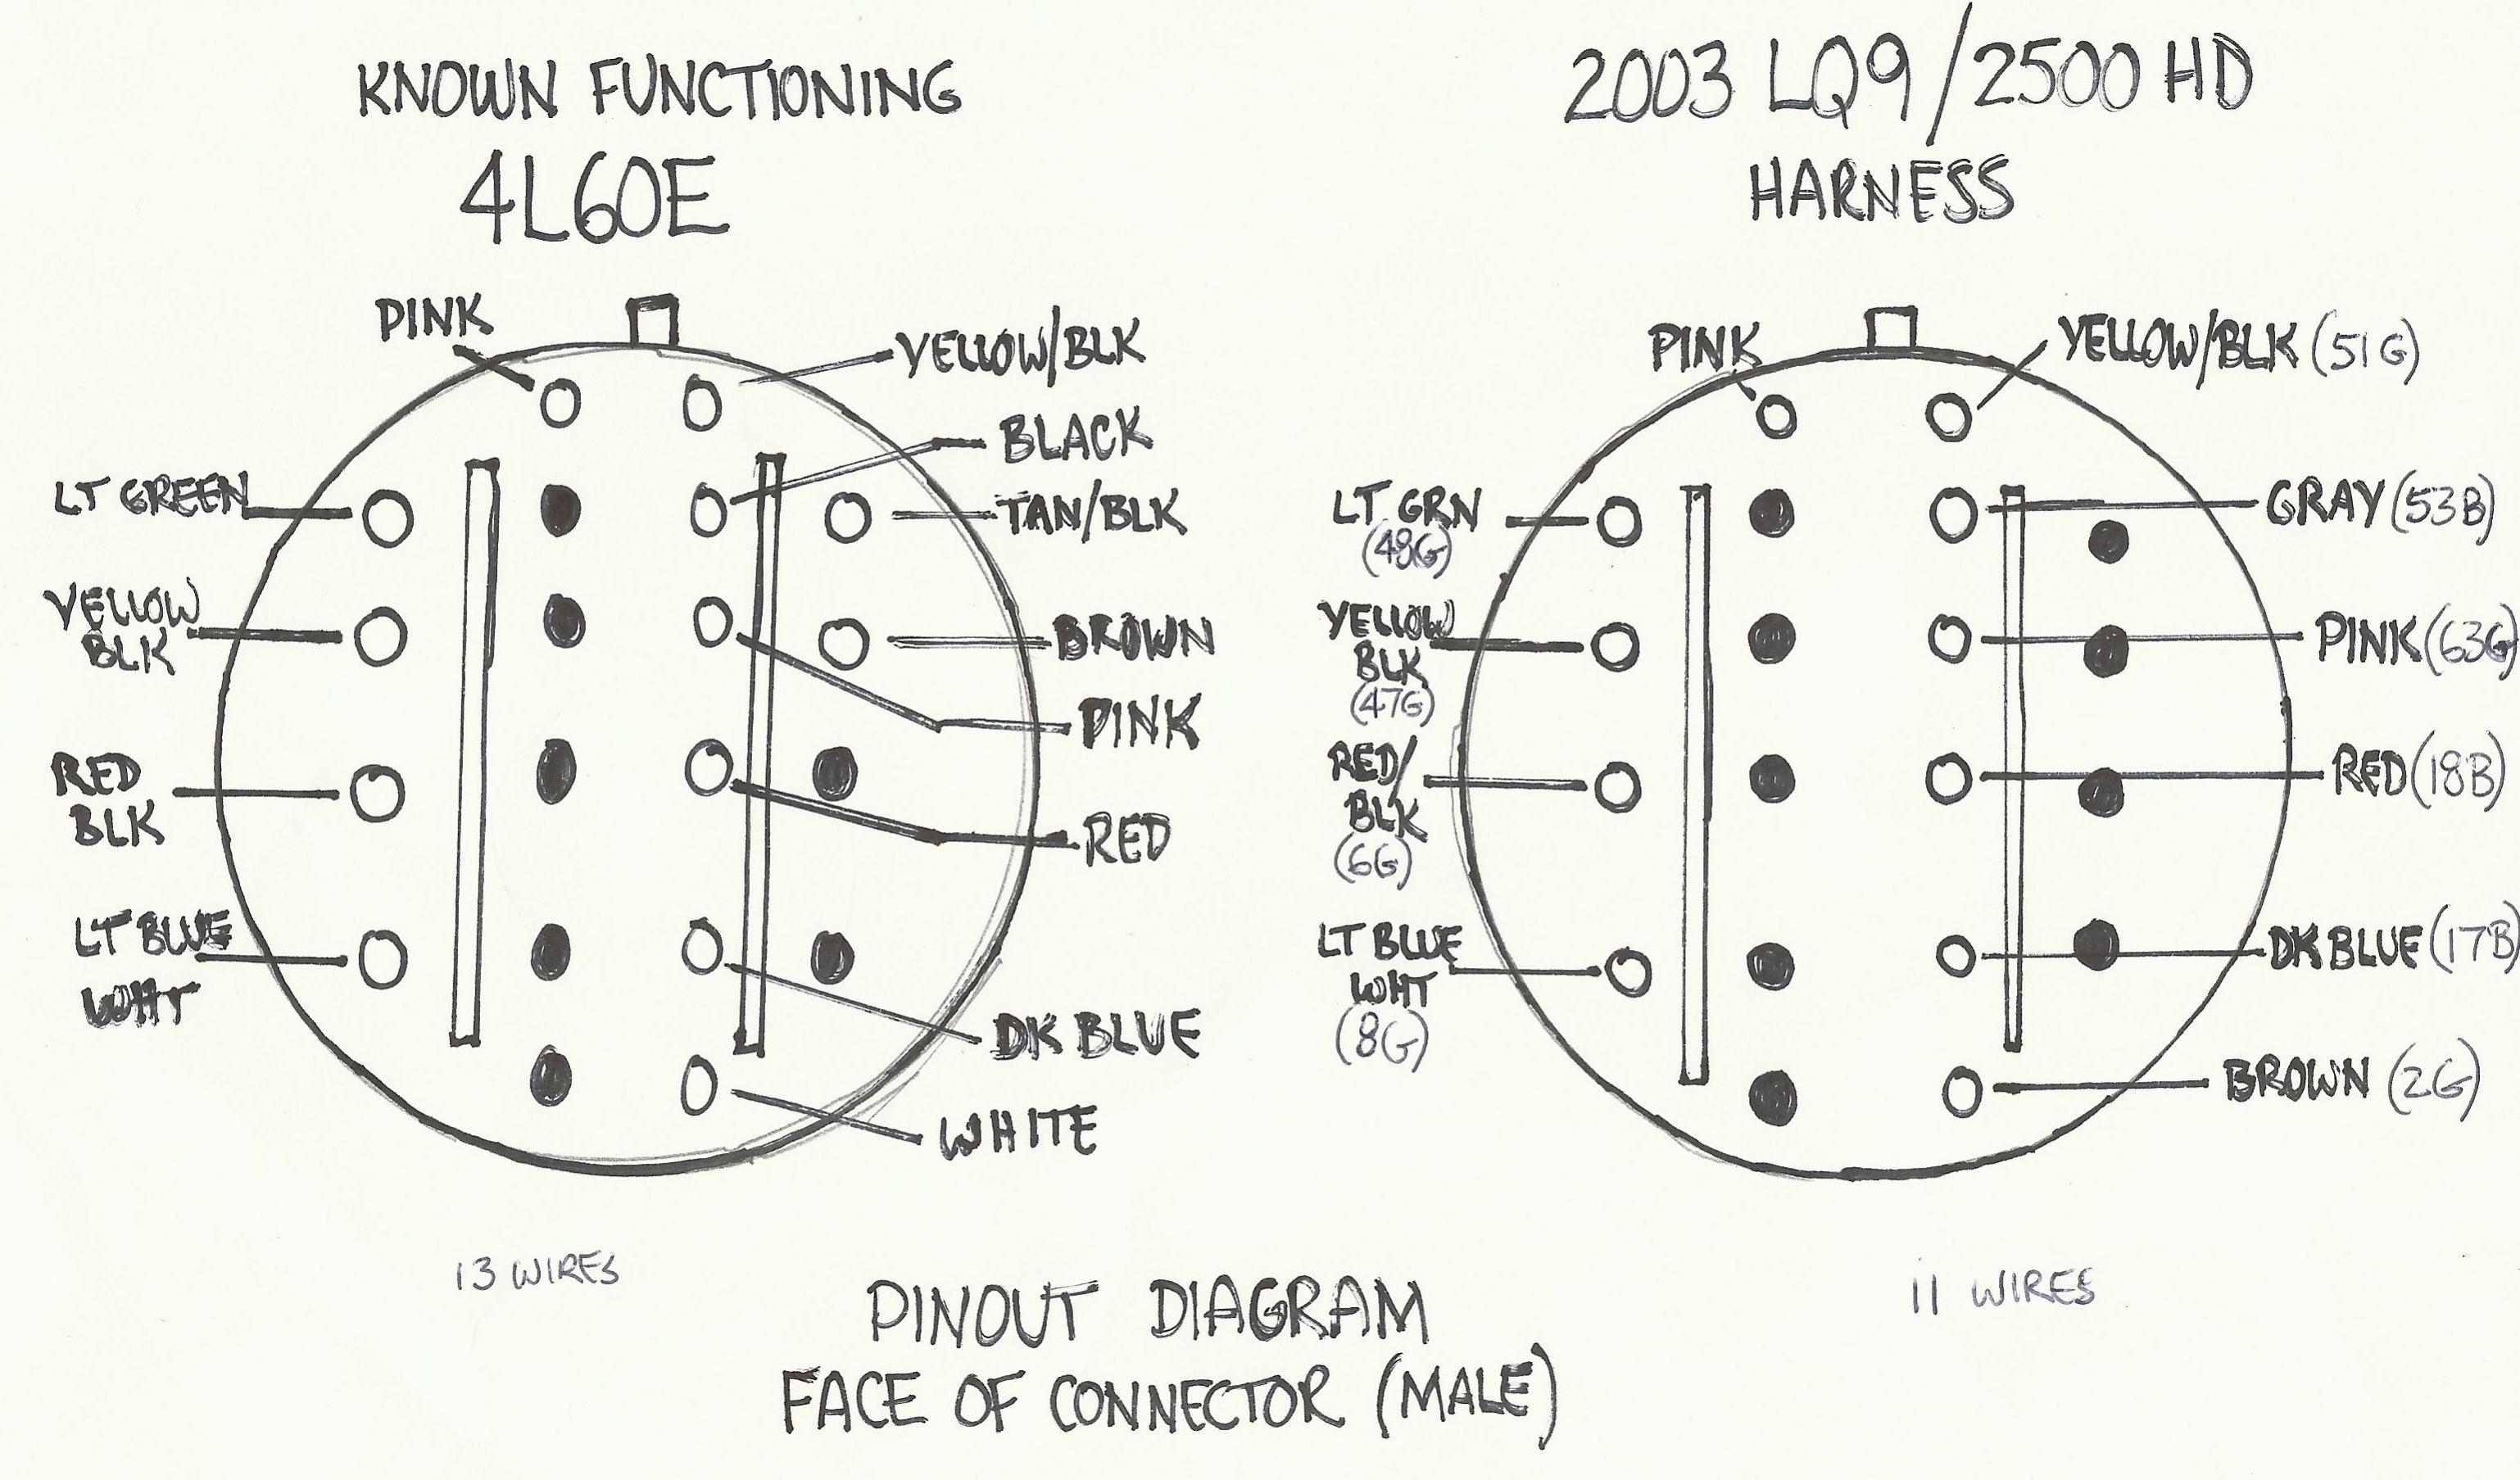 4L60E Wiring Harness Diagram | Manual E-Books - 4L60E Wiring Harness Diagram